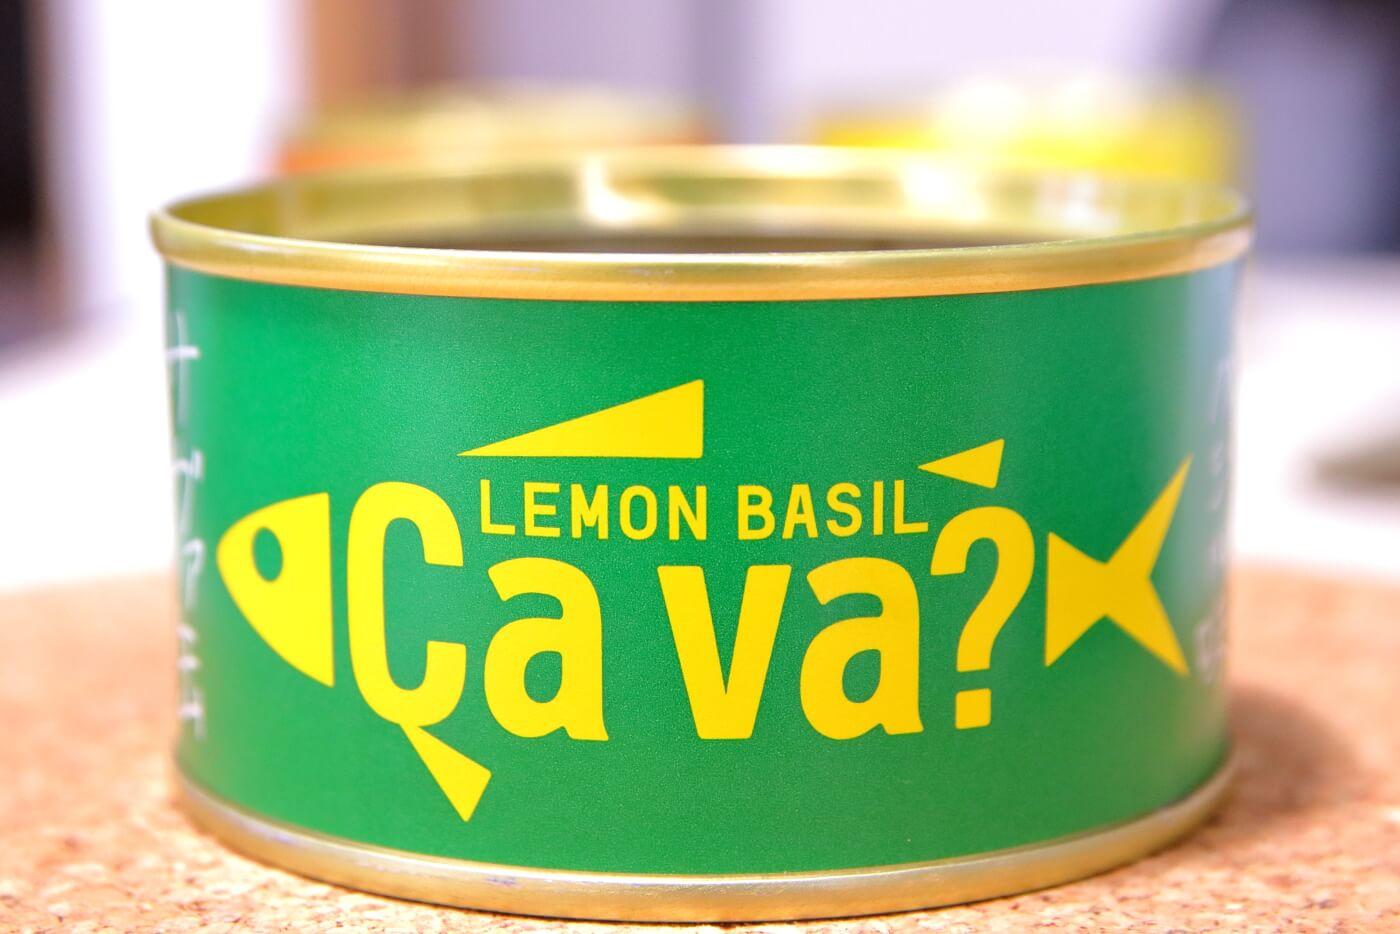 サヴァ缶 レモンバジルの缶